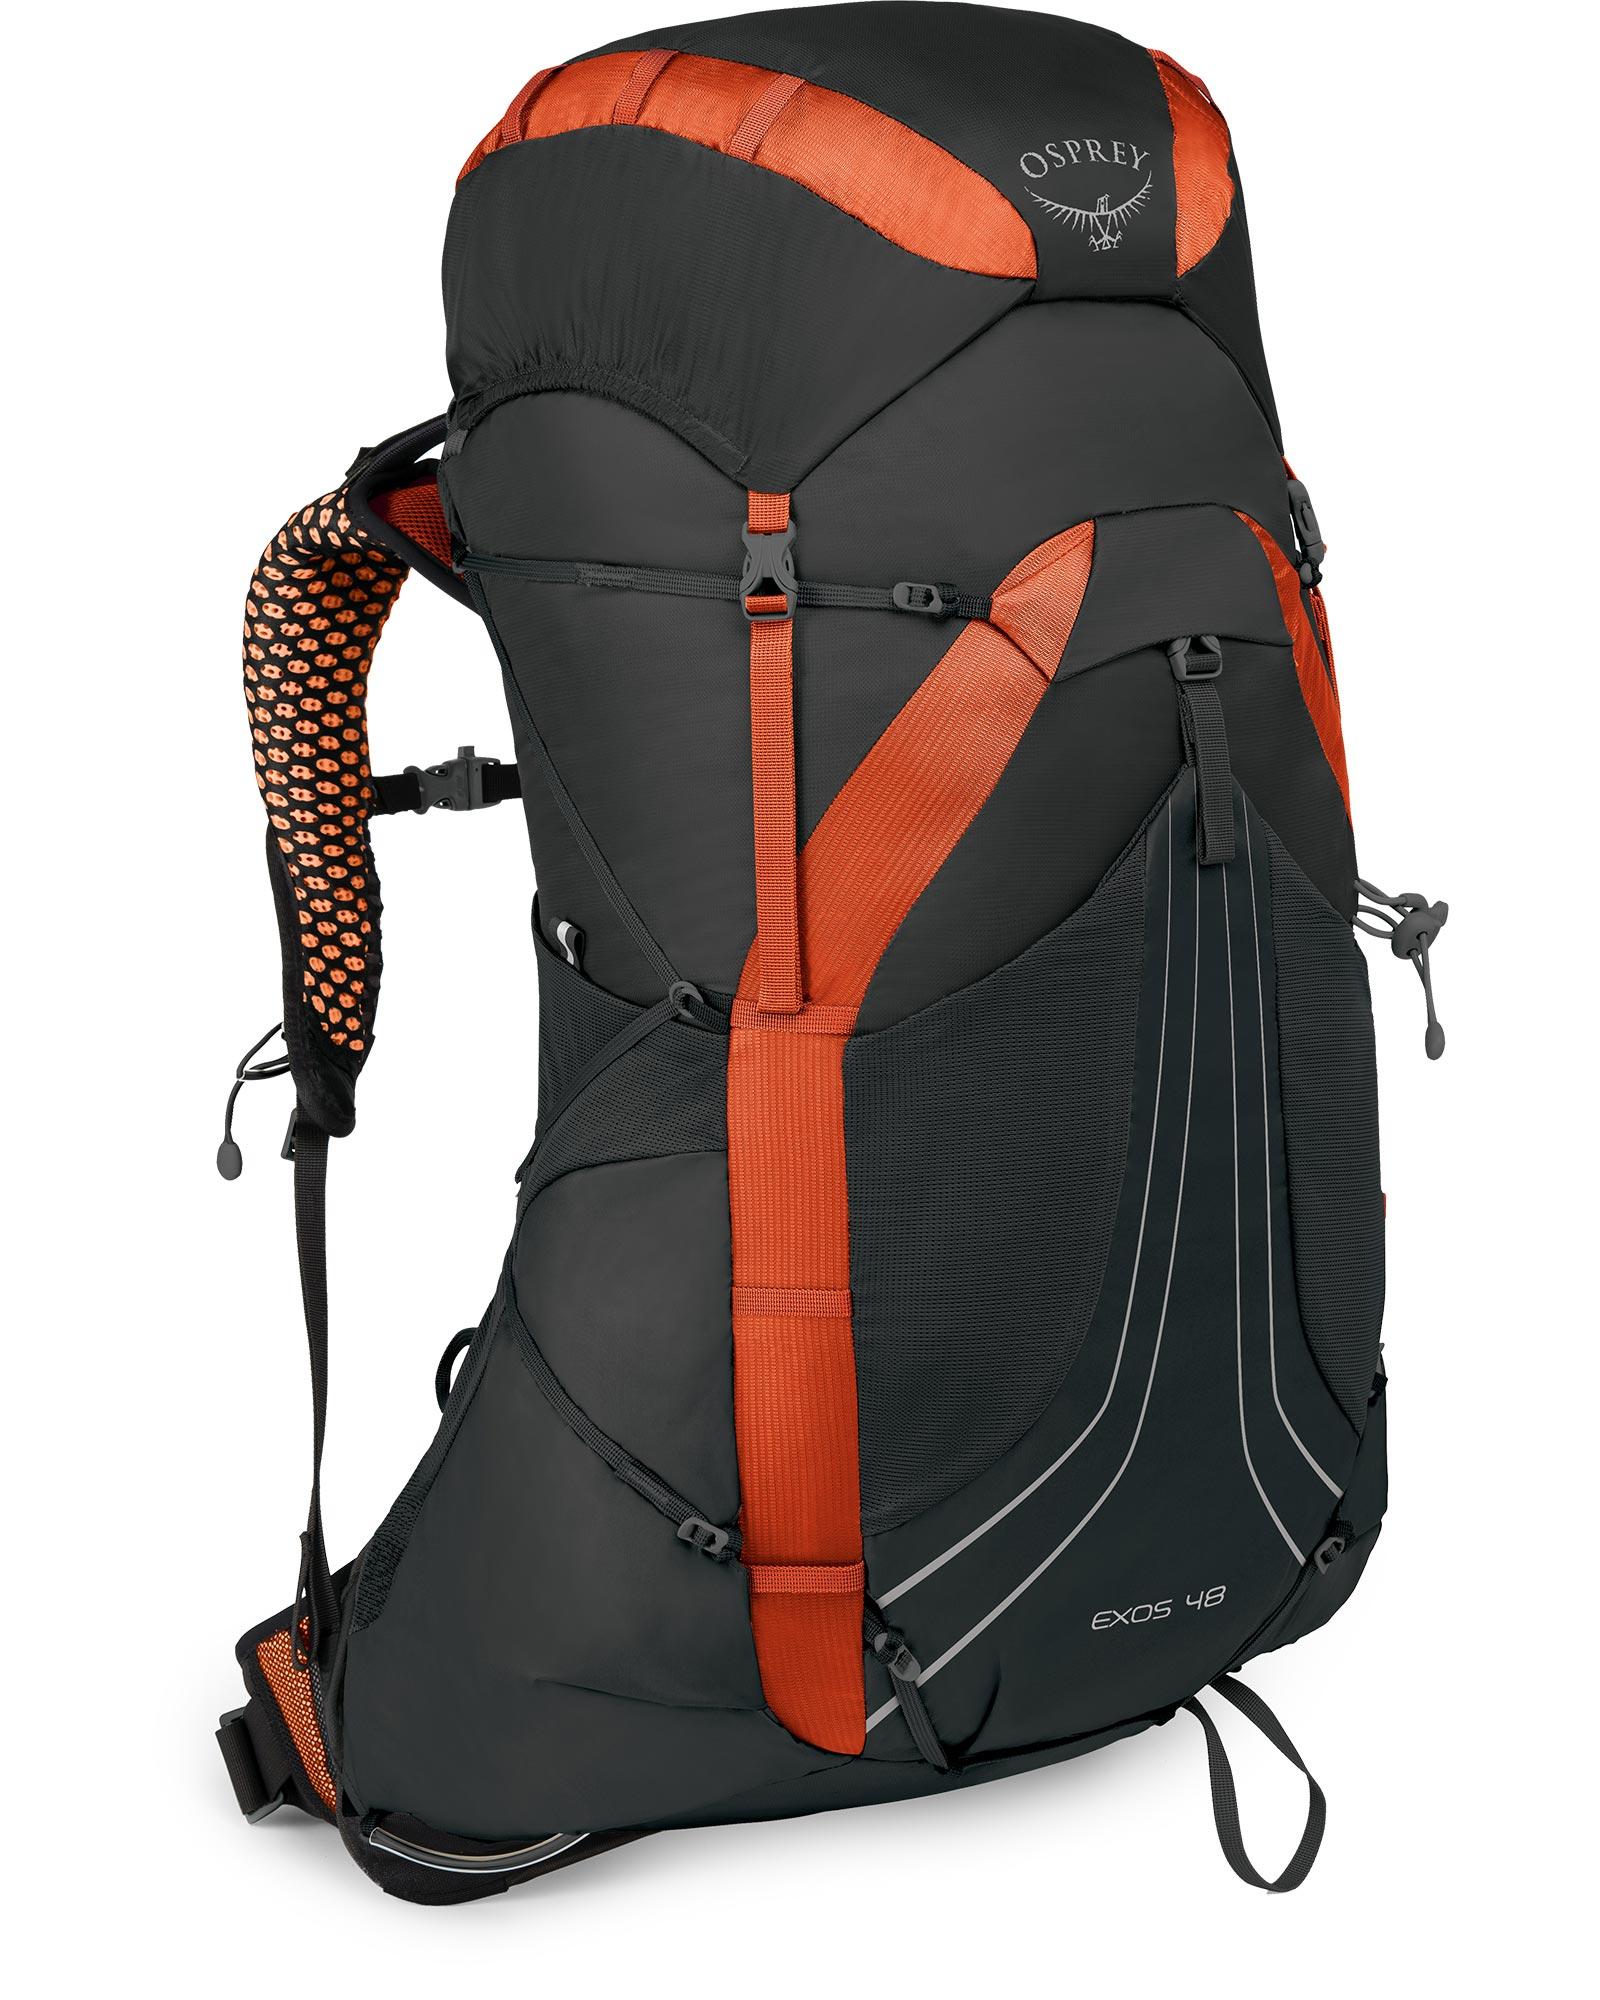 Osprey Men's Exos 48 Backpack 0